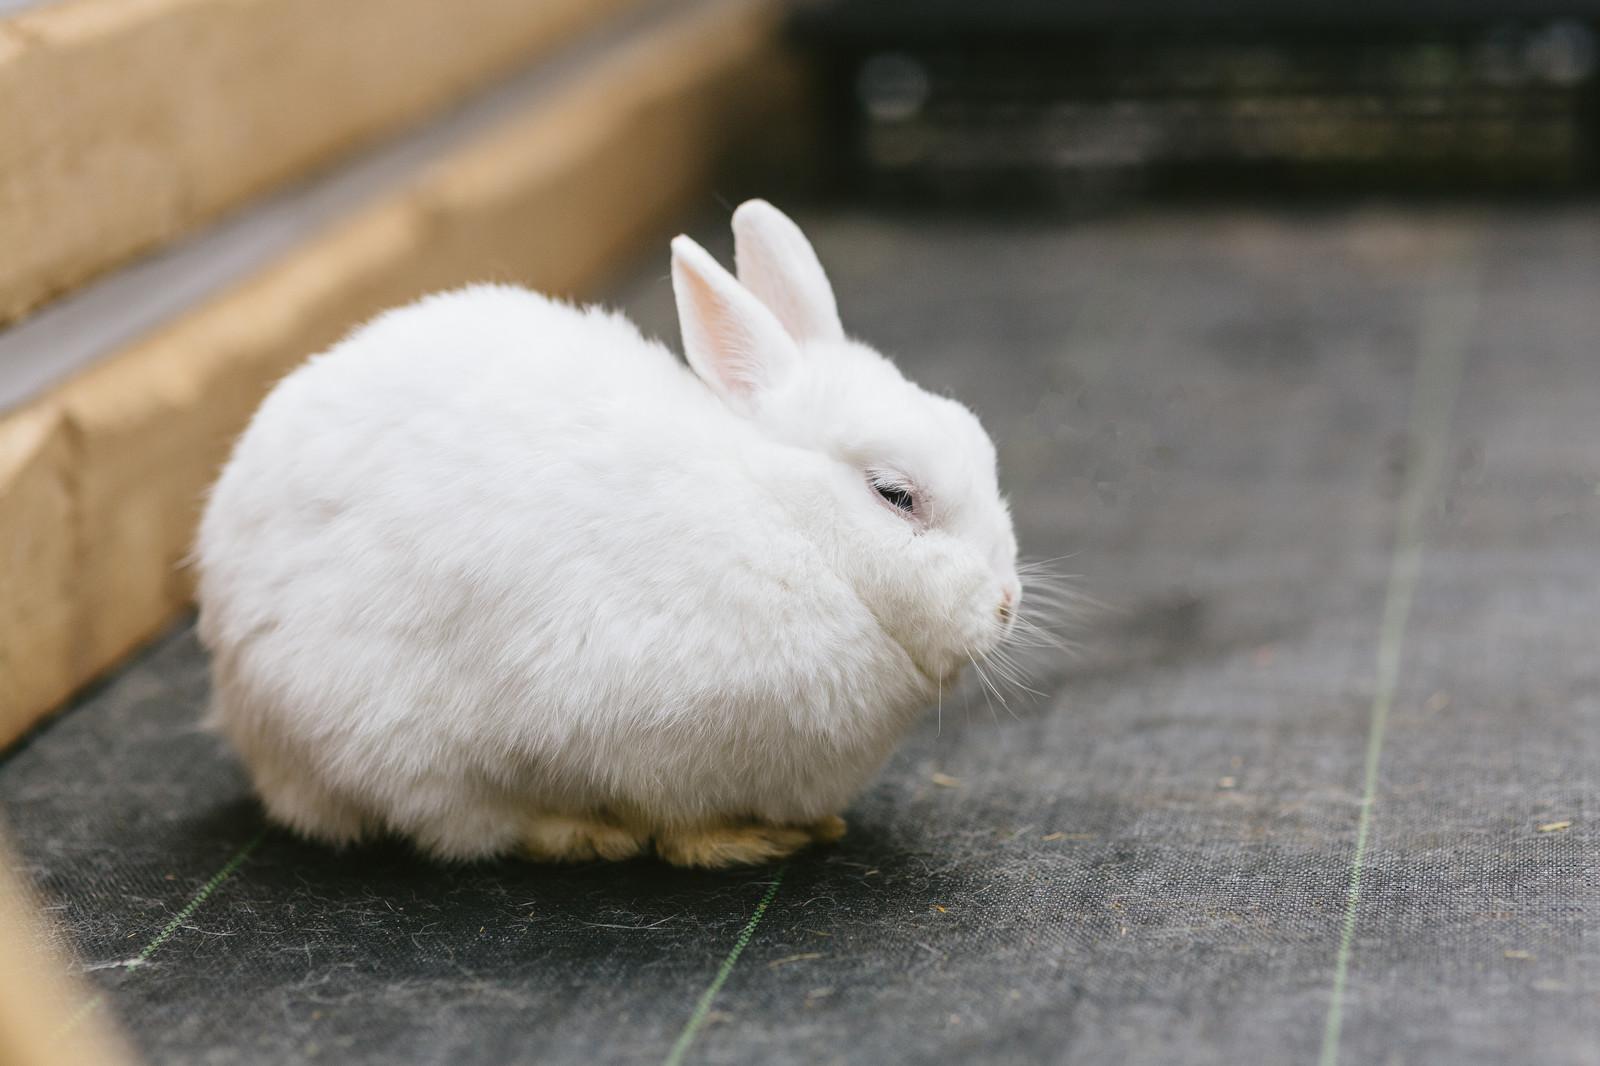 うさぎの飼い方・飼育法|初心者が知っておくべきこと